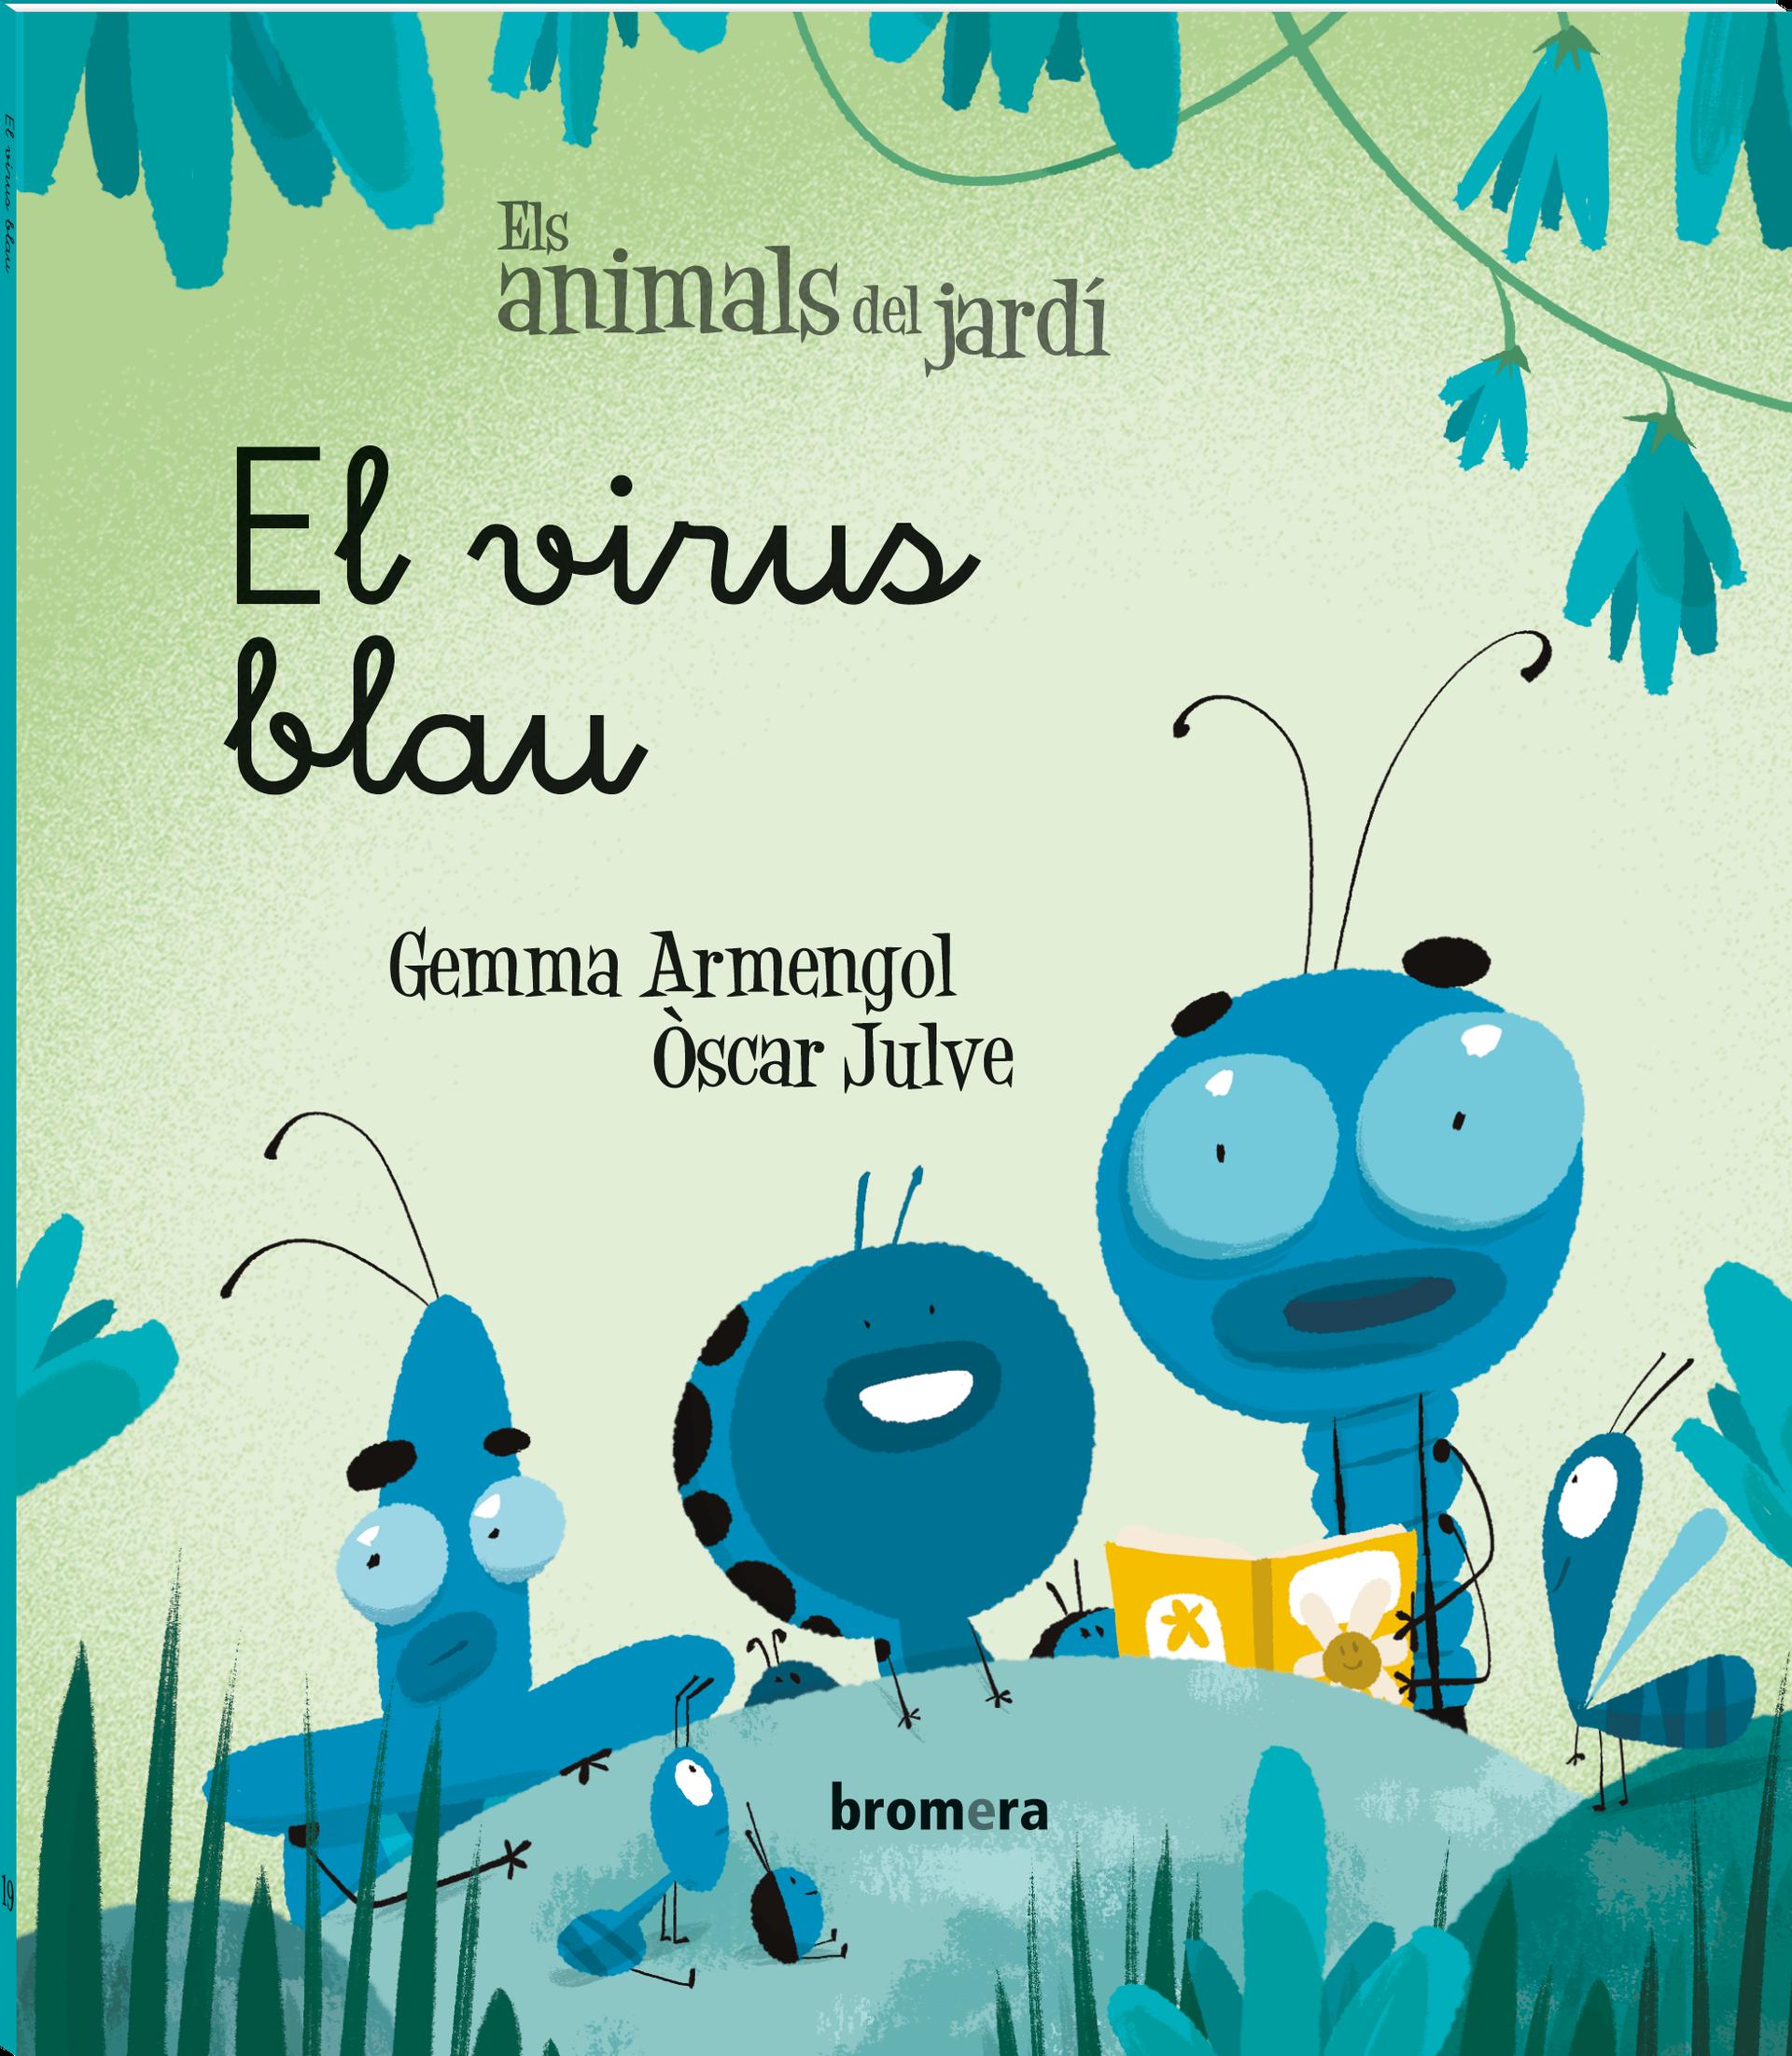 019_El-virus-blau_MAN.png